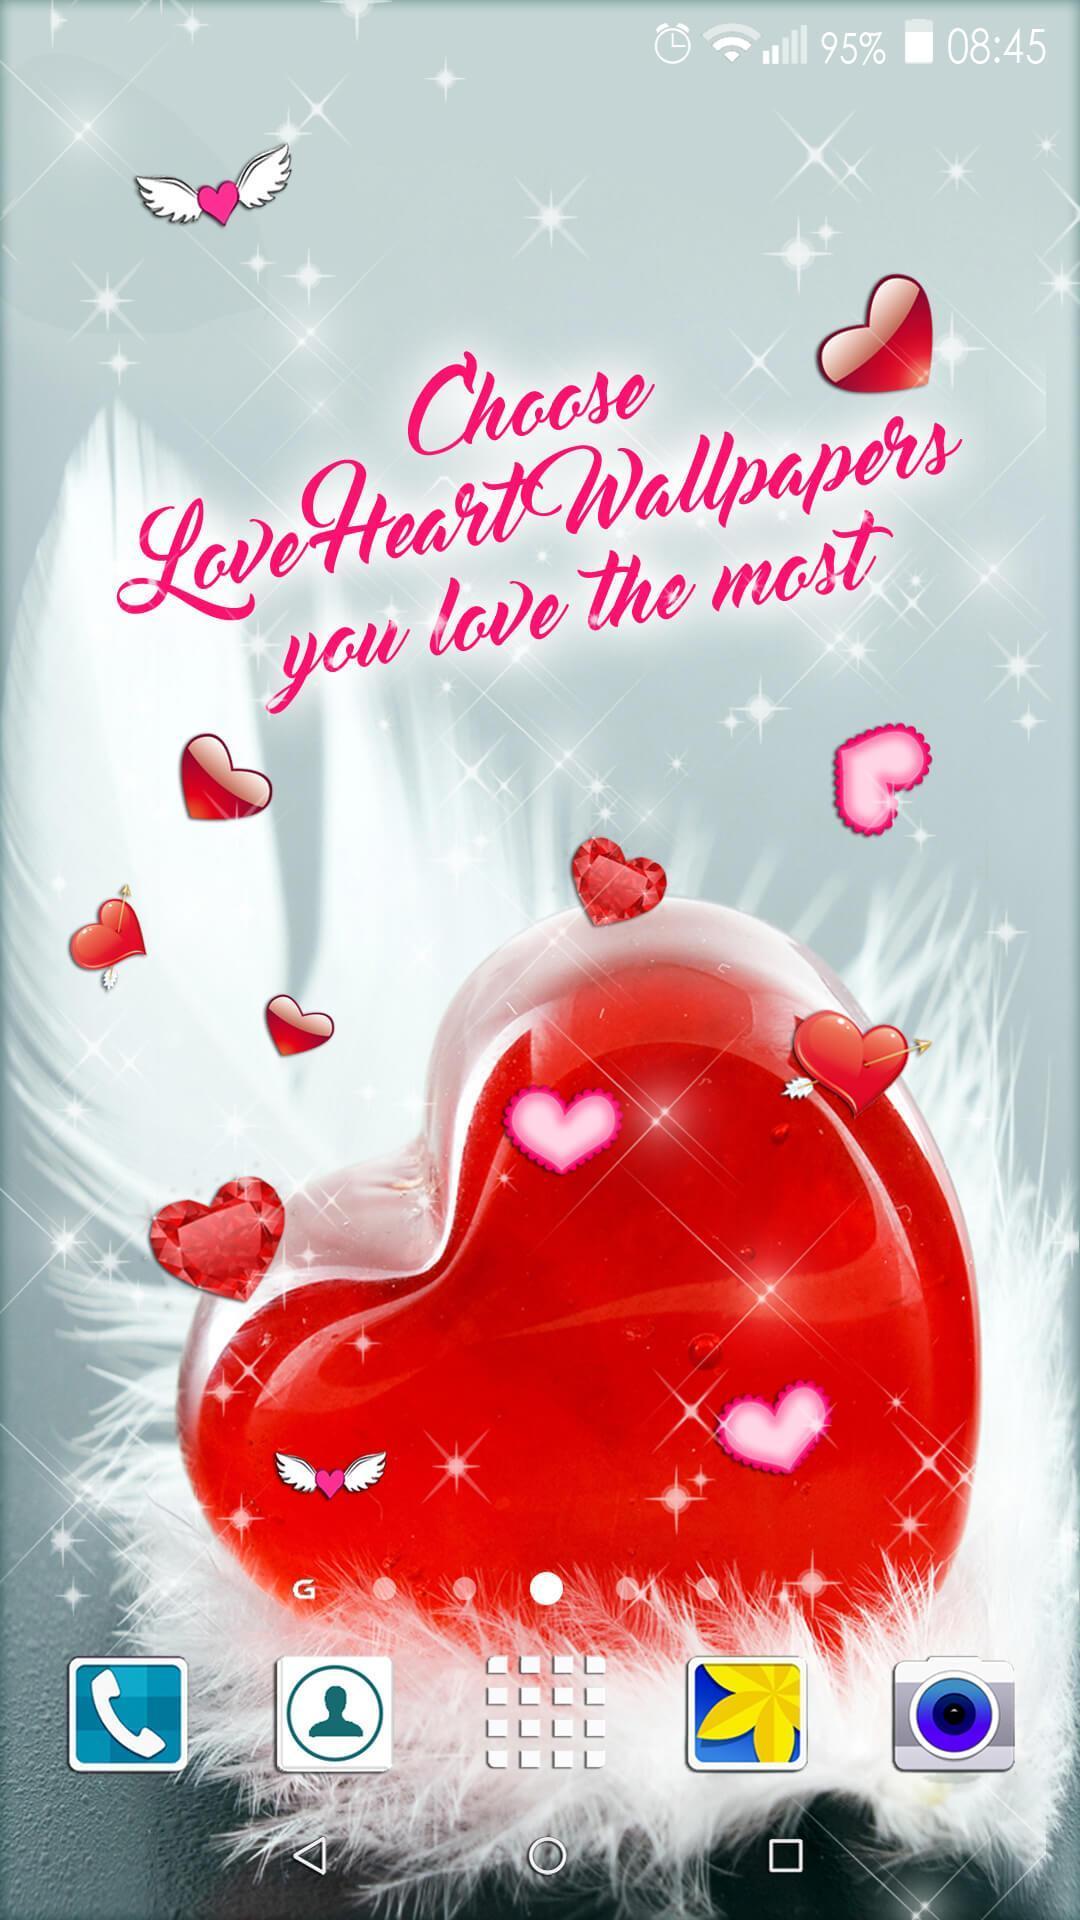 Wallpaper Hati 💞 Gambar Cinta Romantis For Android APK